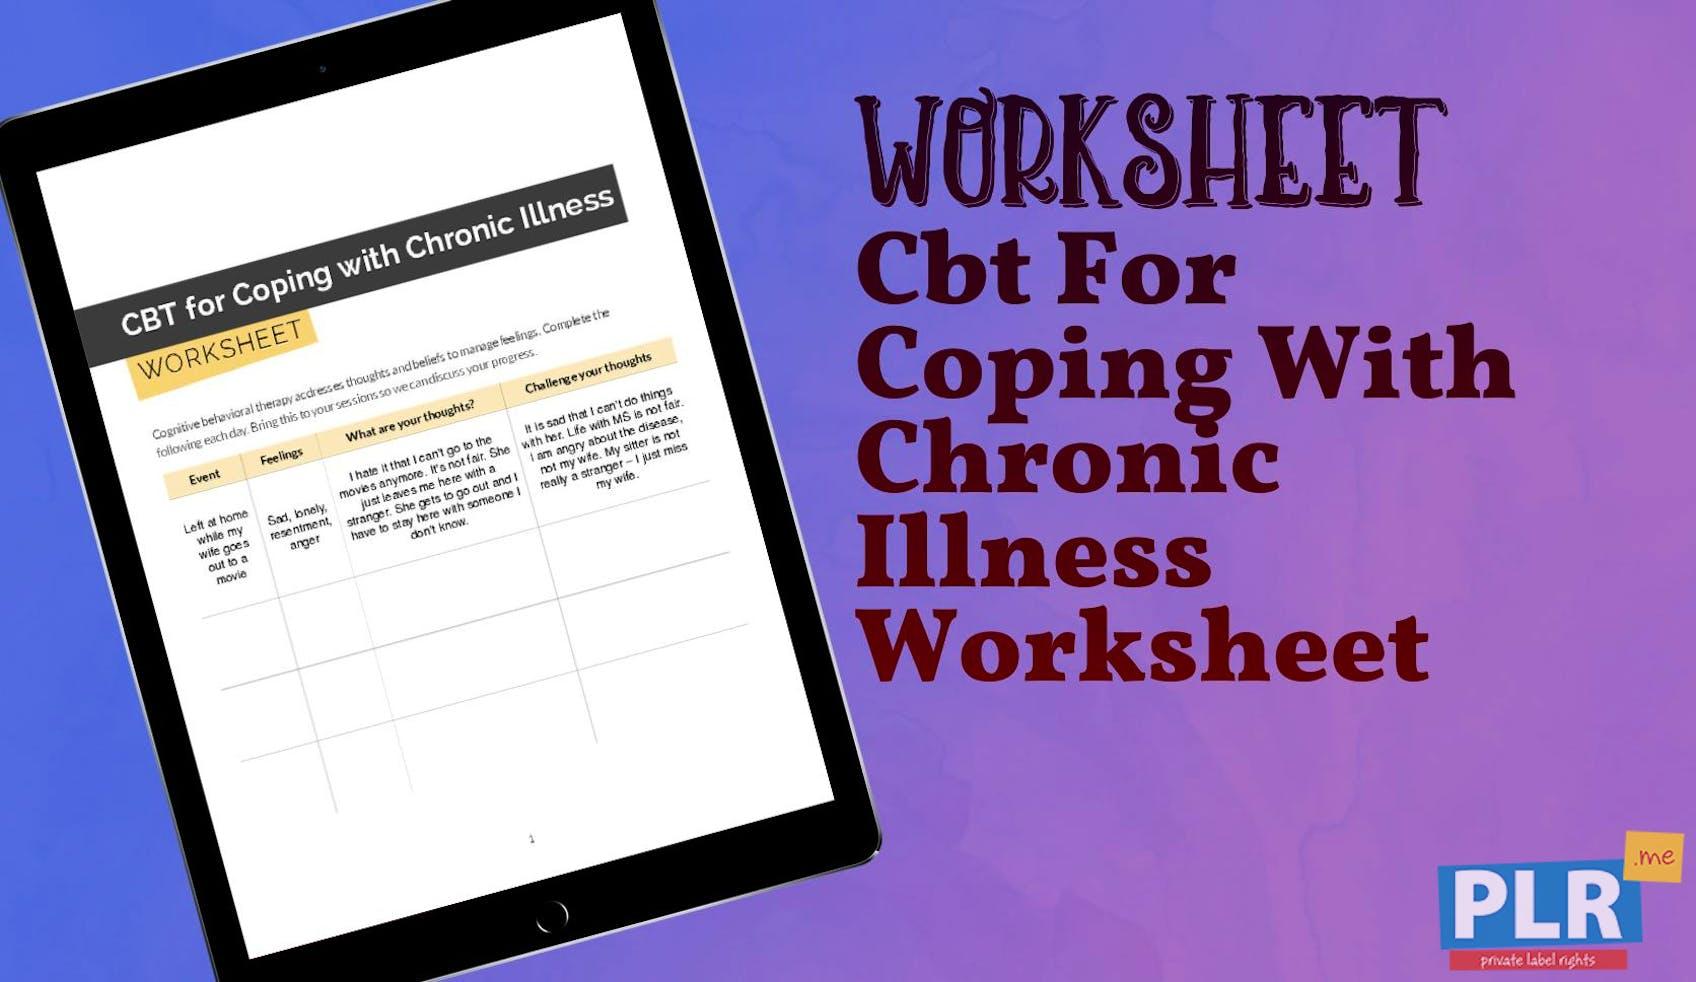 Plr Worksheets Cbt For Coping With Chronic Illness Worksheet Plr